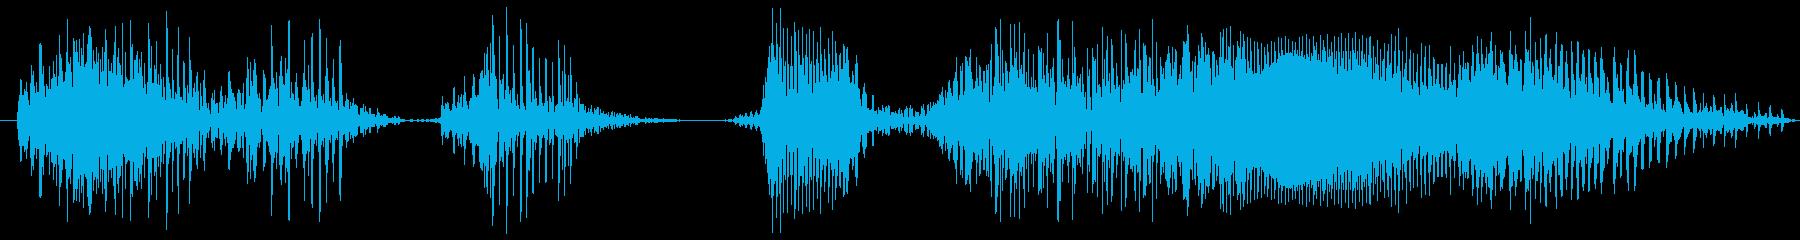 かかってこいの再生済みの波形